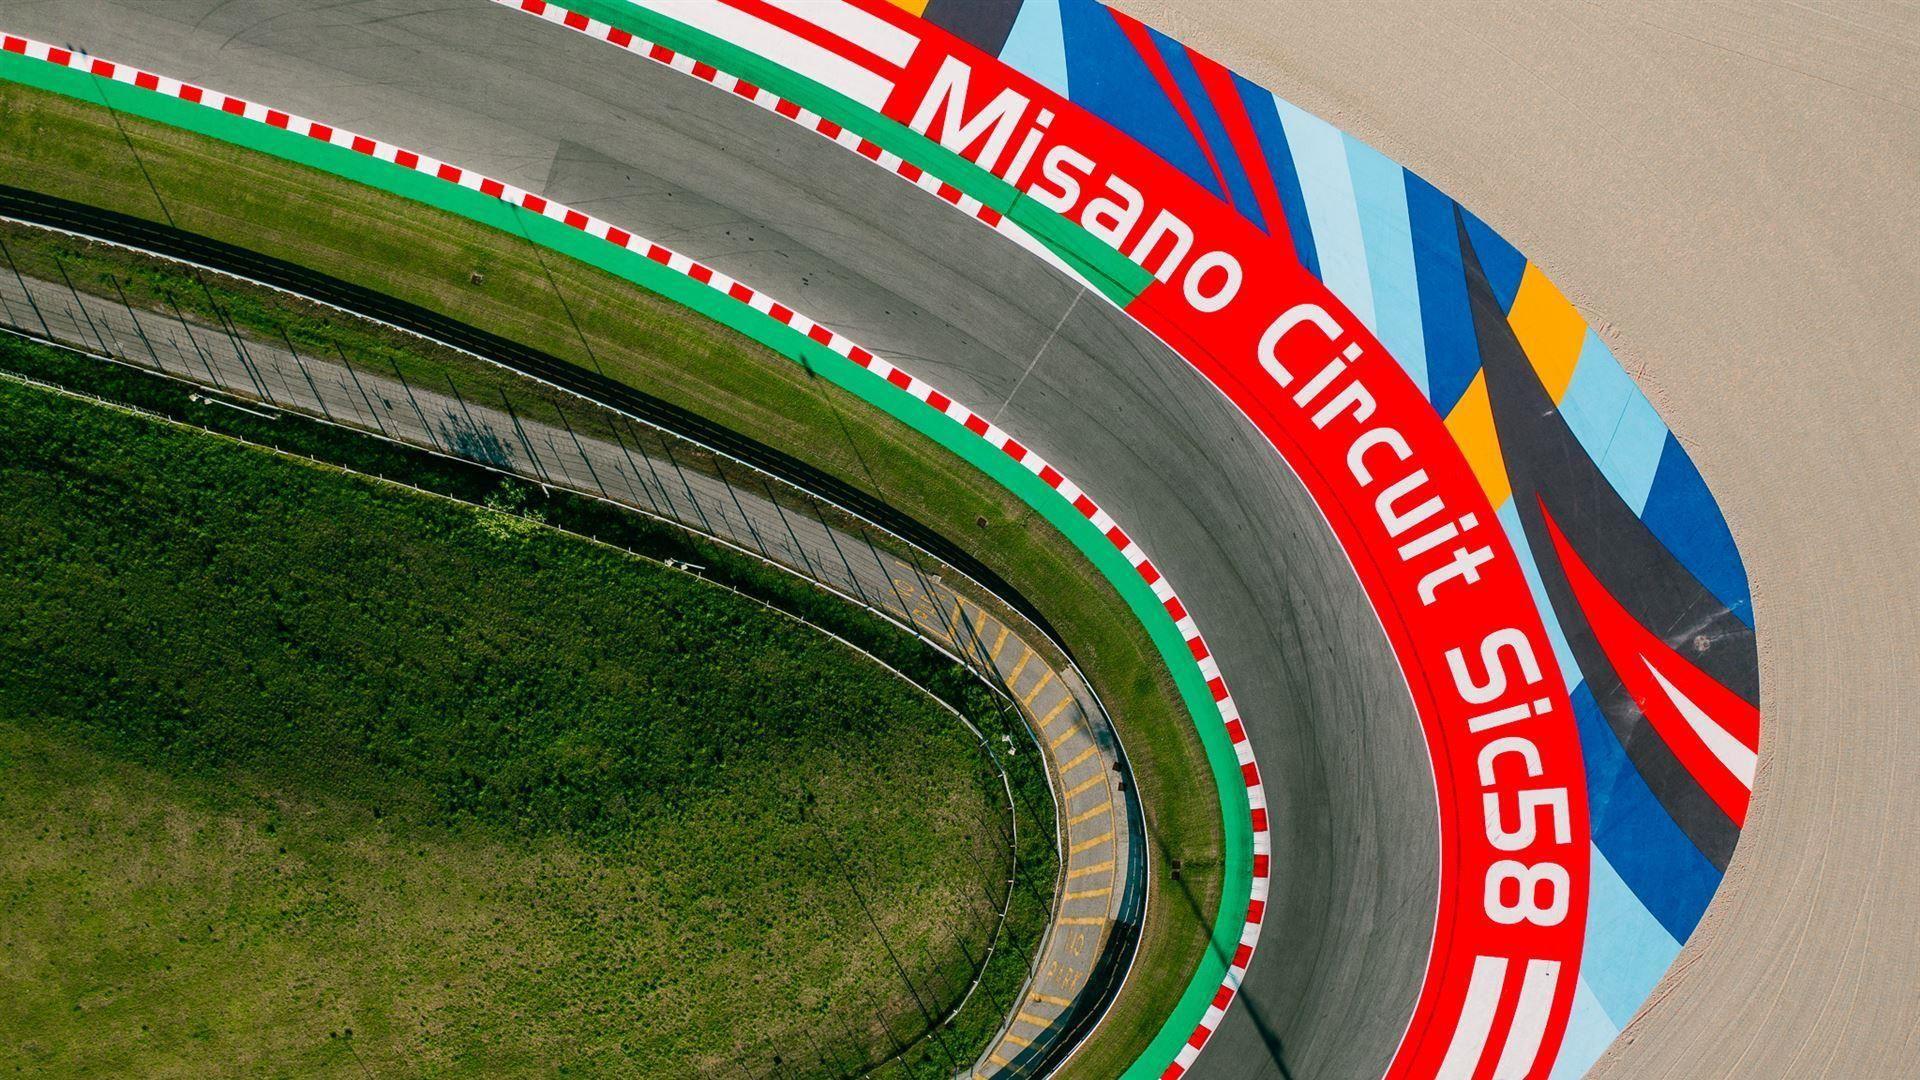 Intitolato al compianto Marco Simoncelli, è lungo 4226 metri e presenta 15 curve. È stato inaugurato nel 1972.